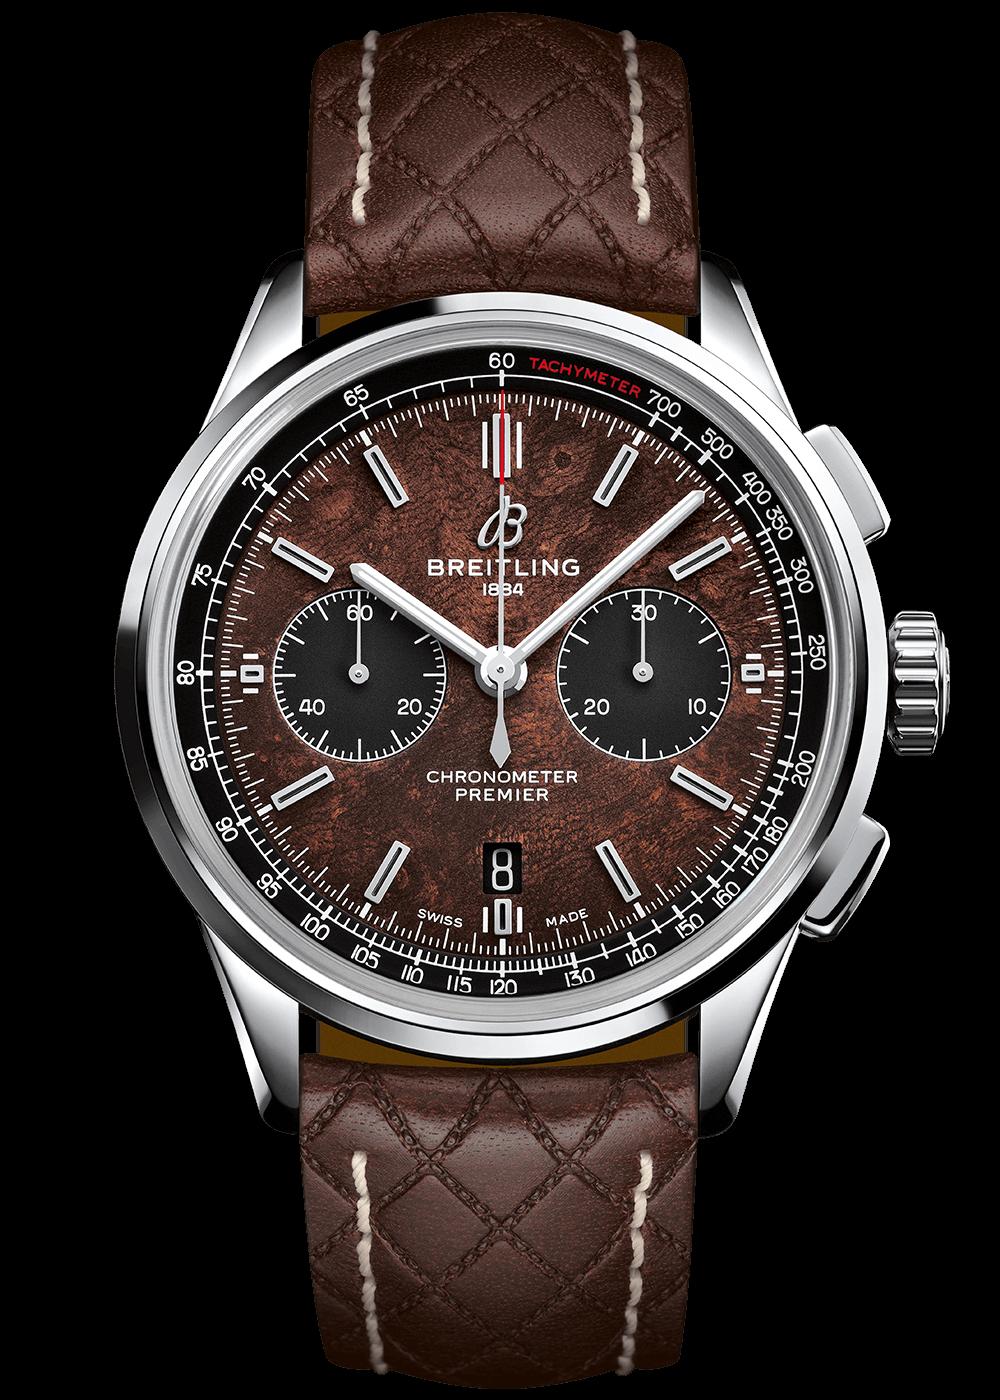 Breitling Premier Chronograph Bentley Galli Zürich